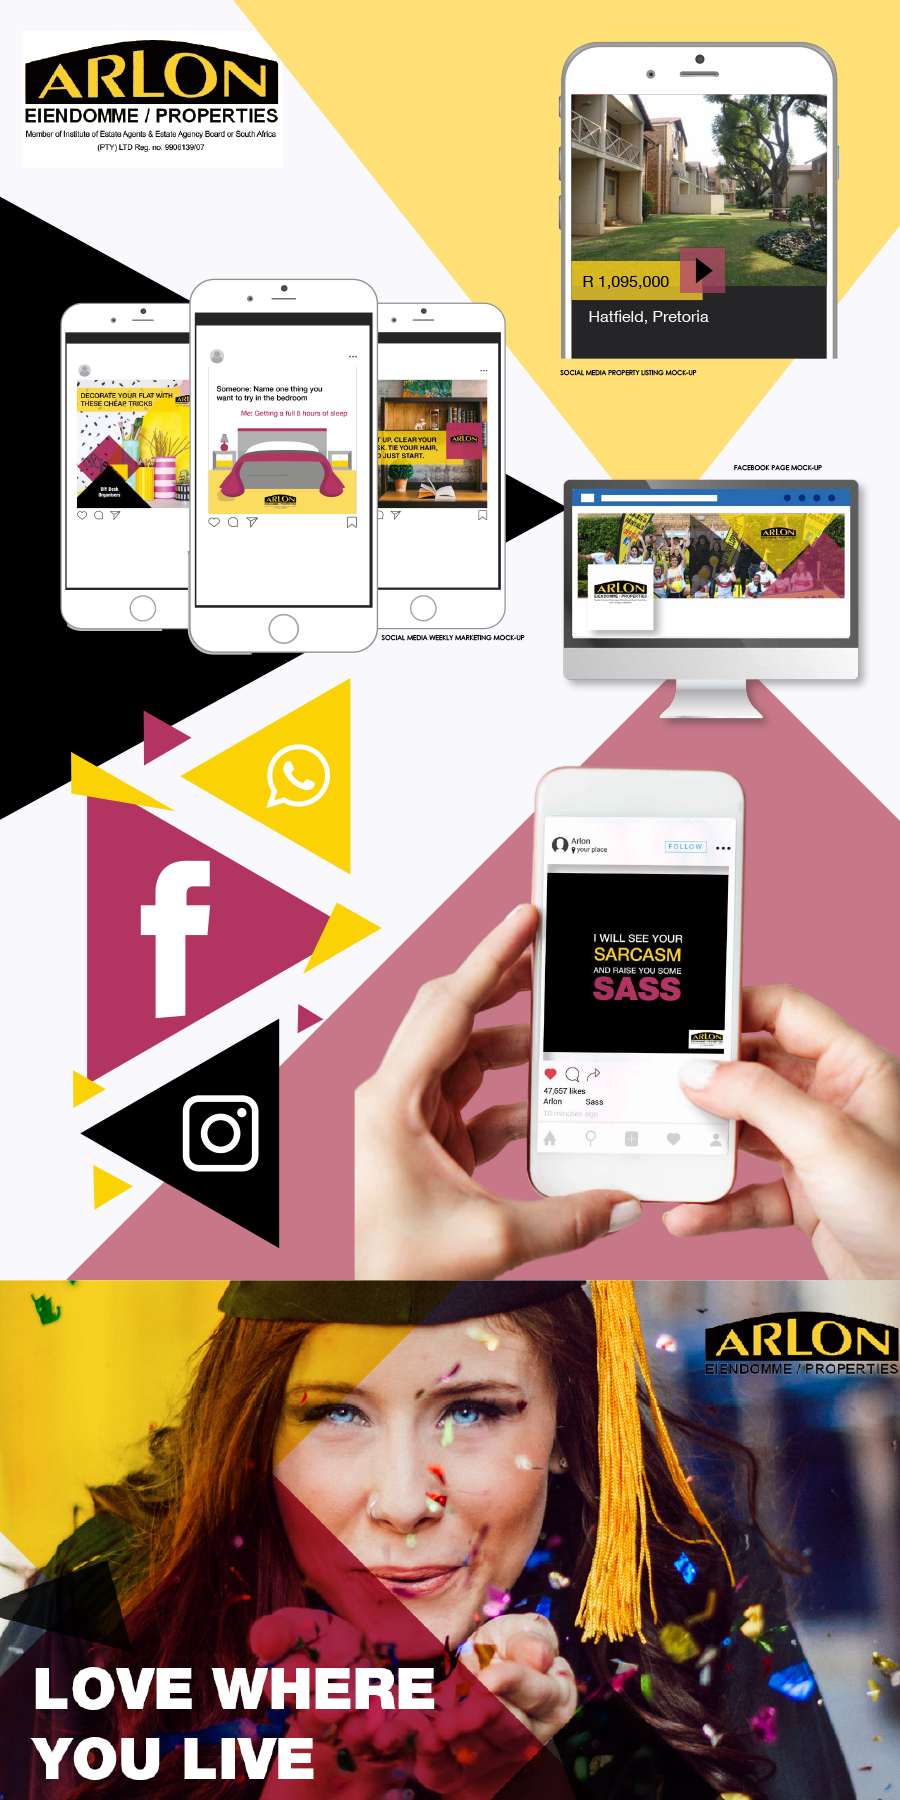 gazzaroo website design branding socialmediamanagement arlon properties social media - Social Media Management